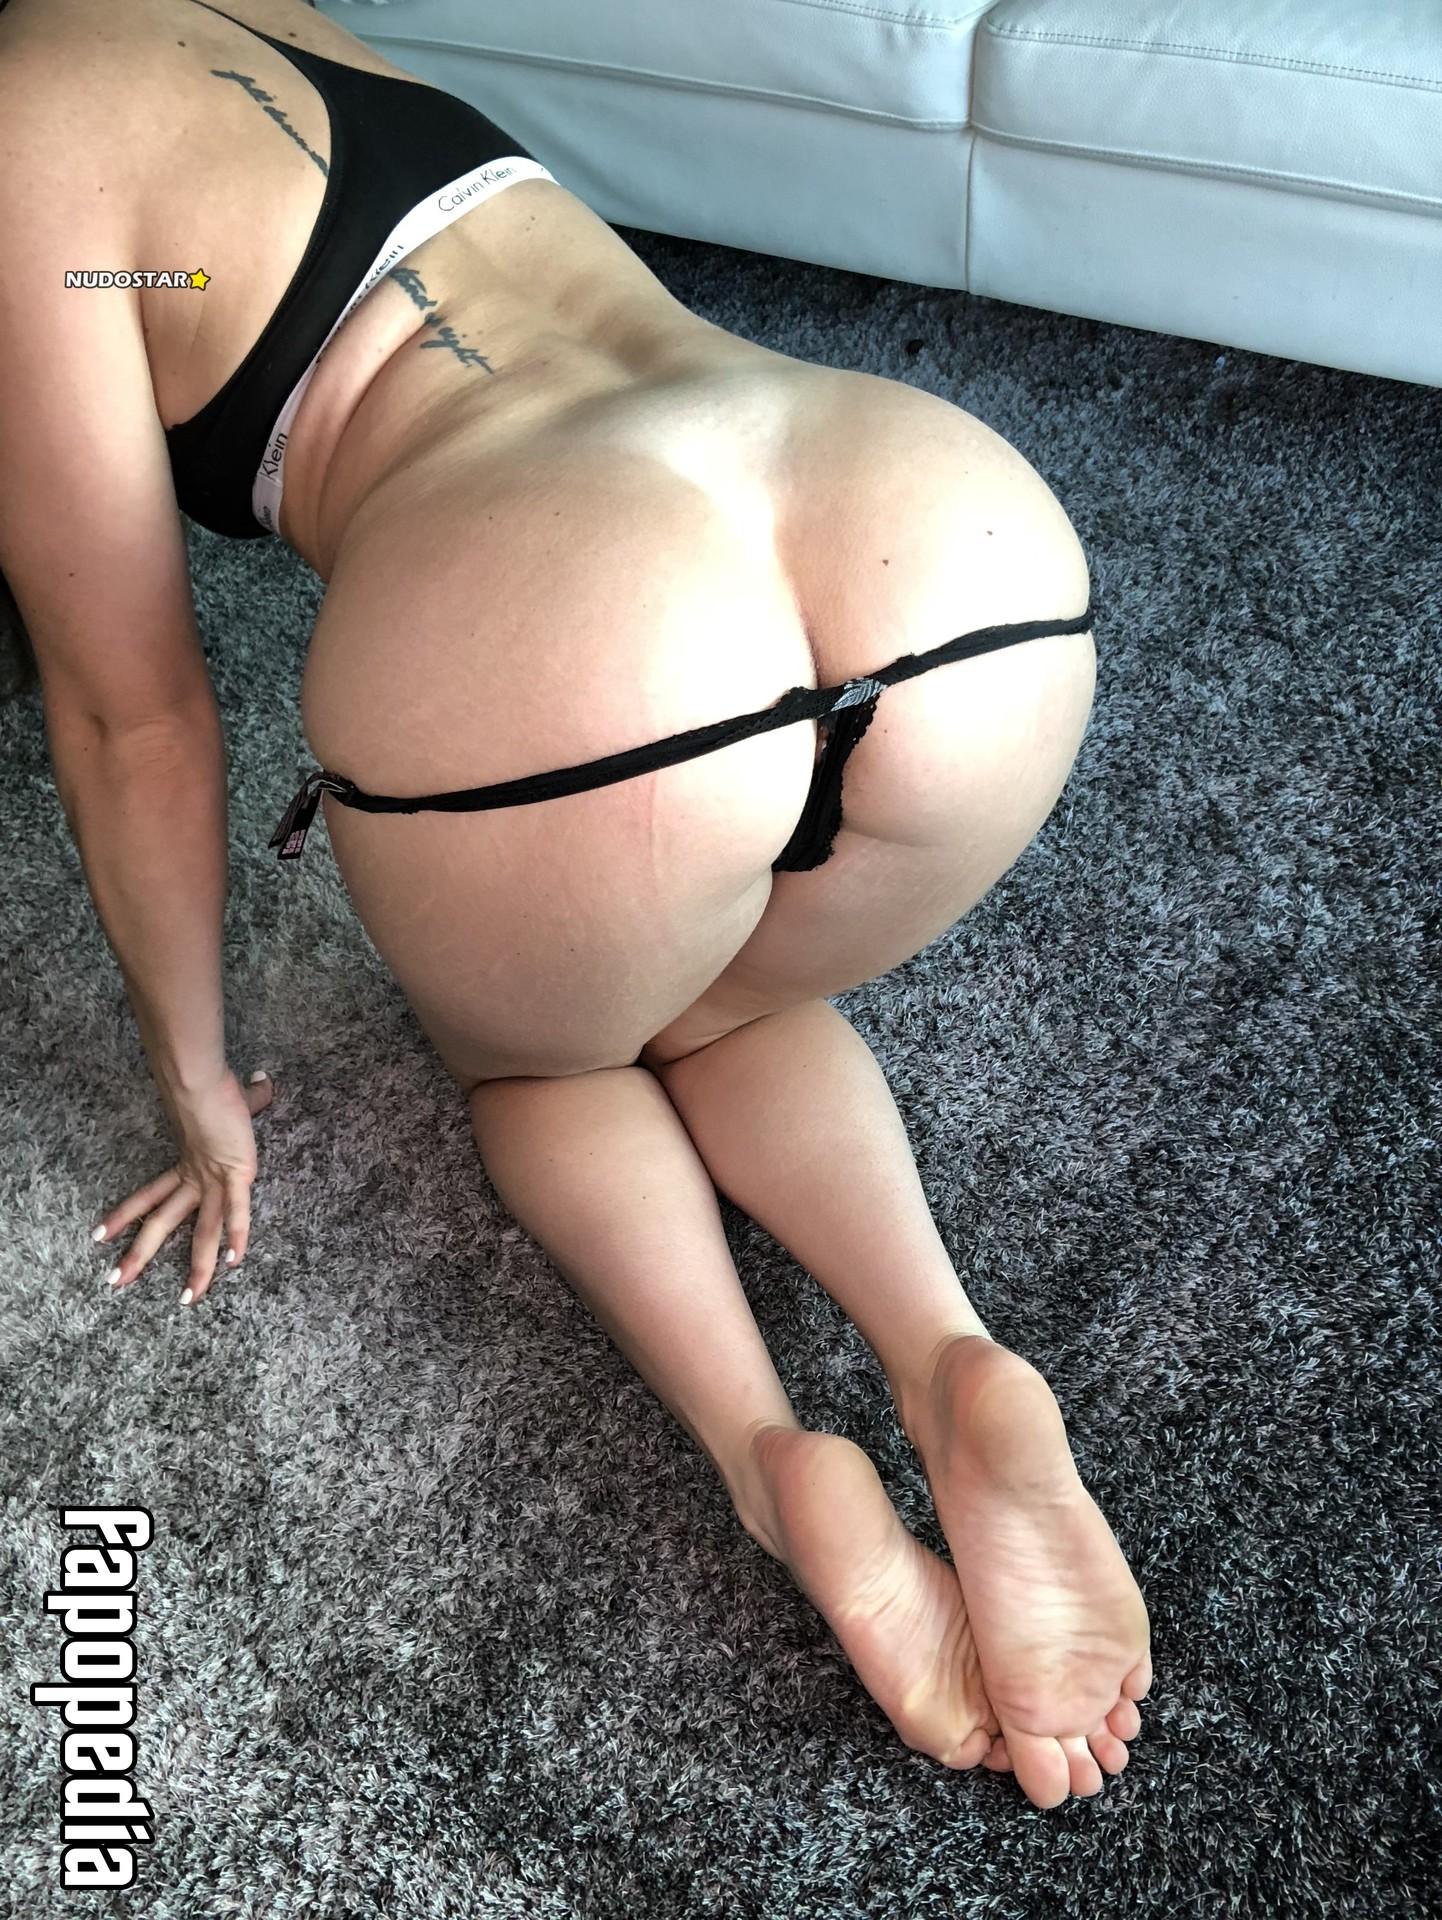 Rae_lynch Nude OnlyFans Leaks